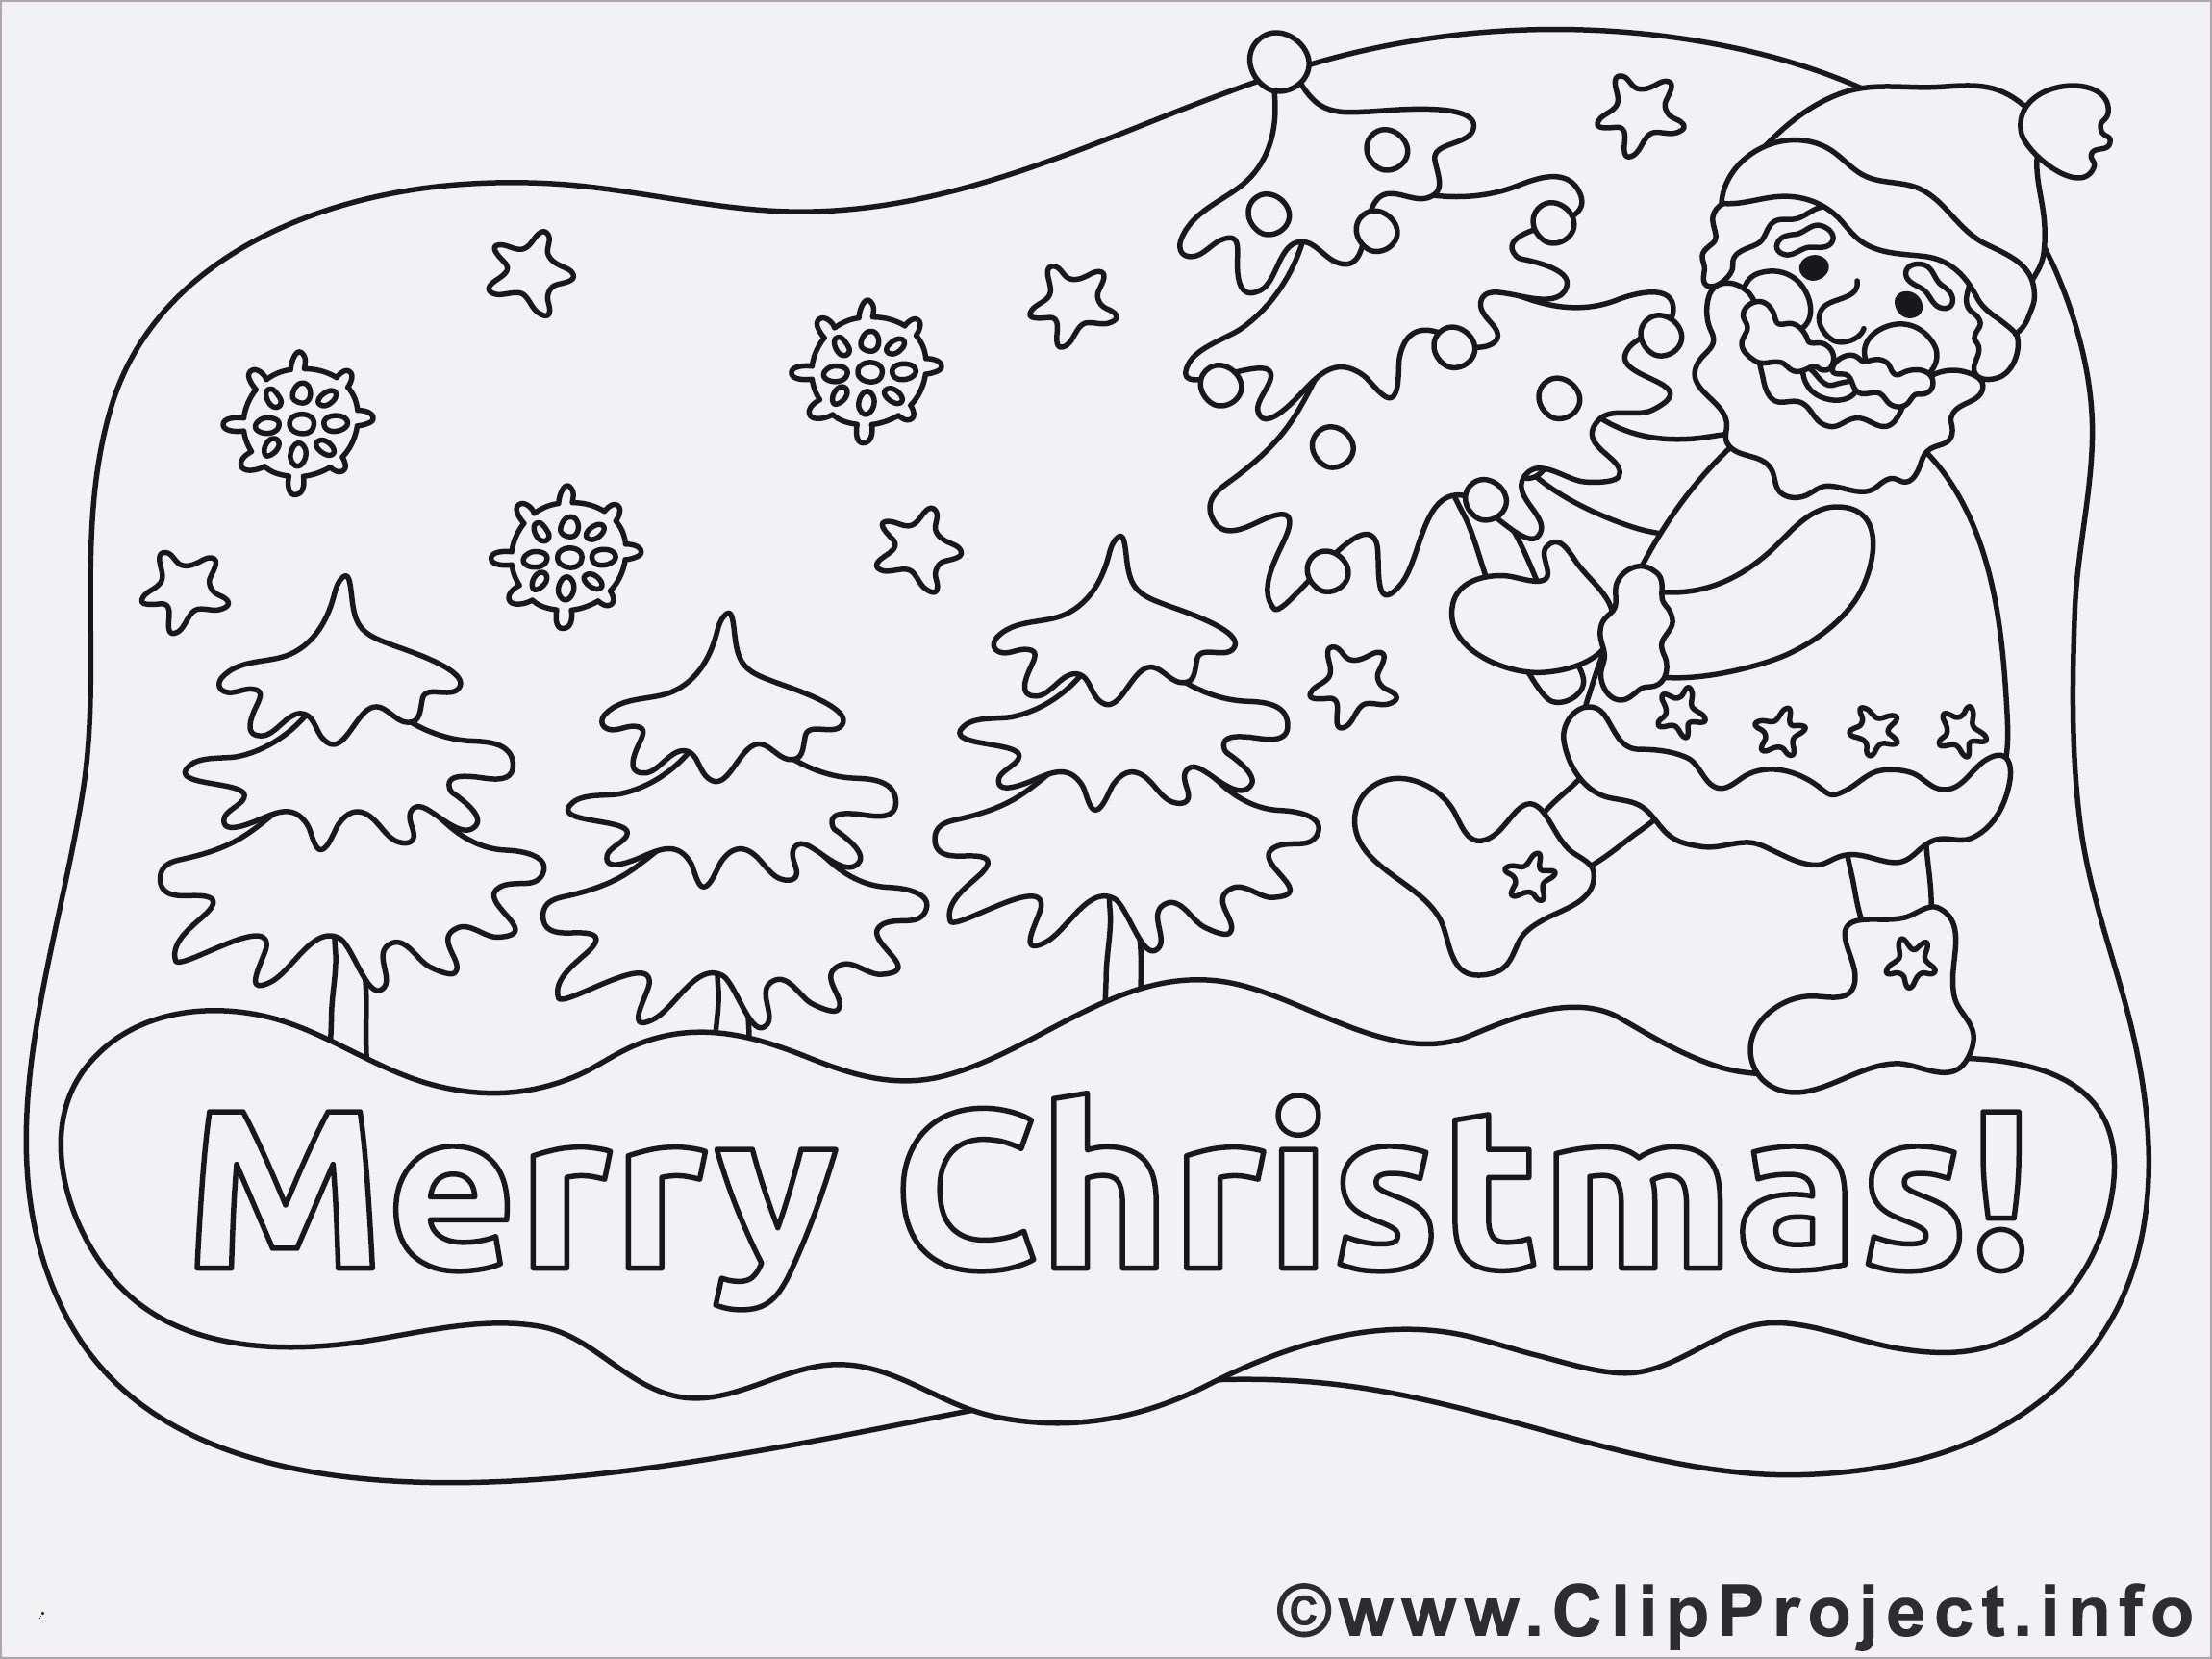 Gratis Ausmalbilder Weihnachten Disney Frisch Emojis Zum Ausmalen Ausmalbilder Fasching Halt Malvorlagen Bilder